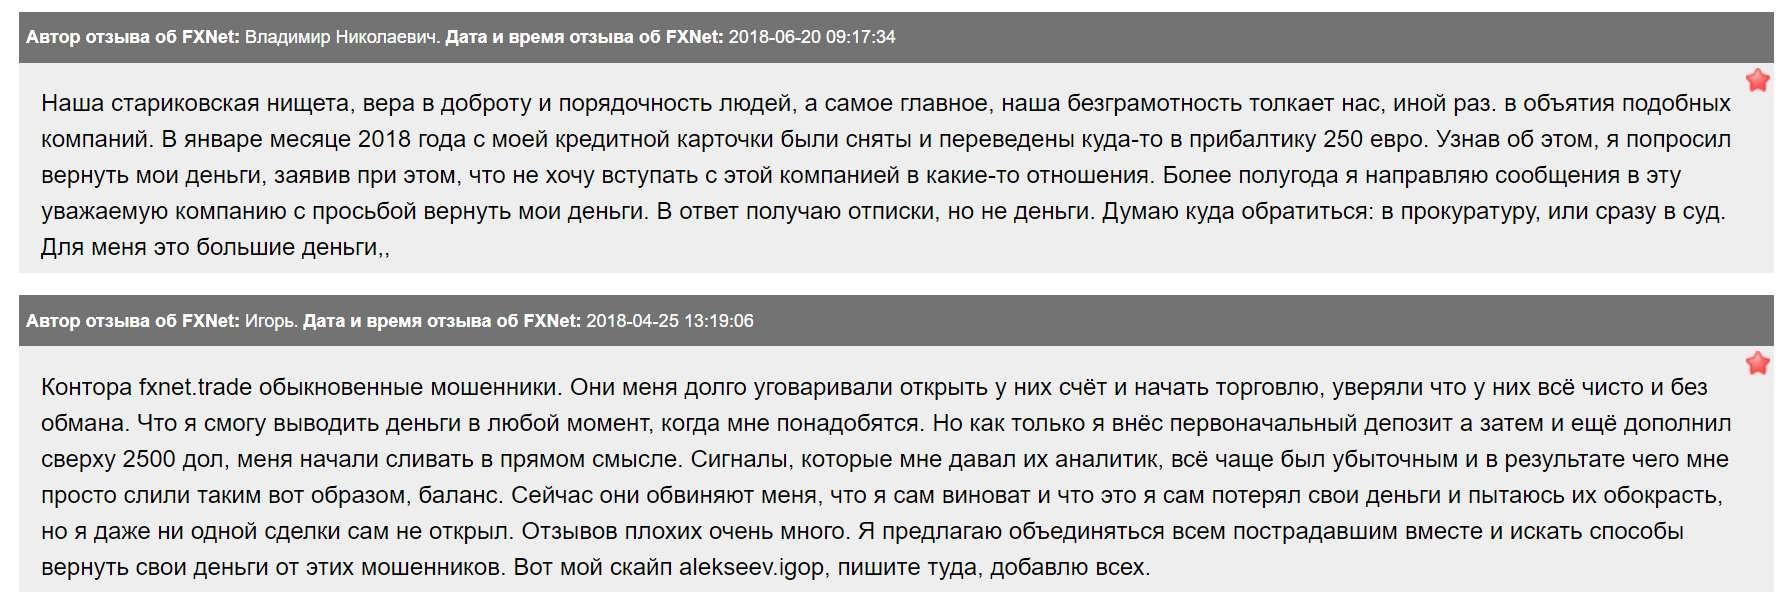 Обзор и отзывы на превдоброкера - FxNet. Опасный проект с признаками обмана.